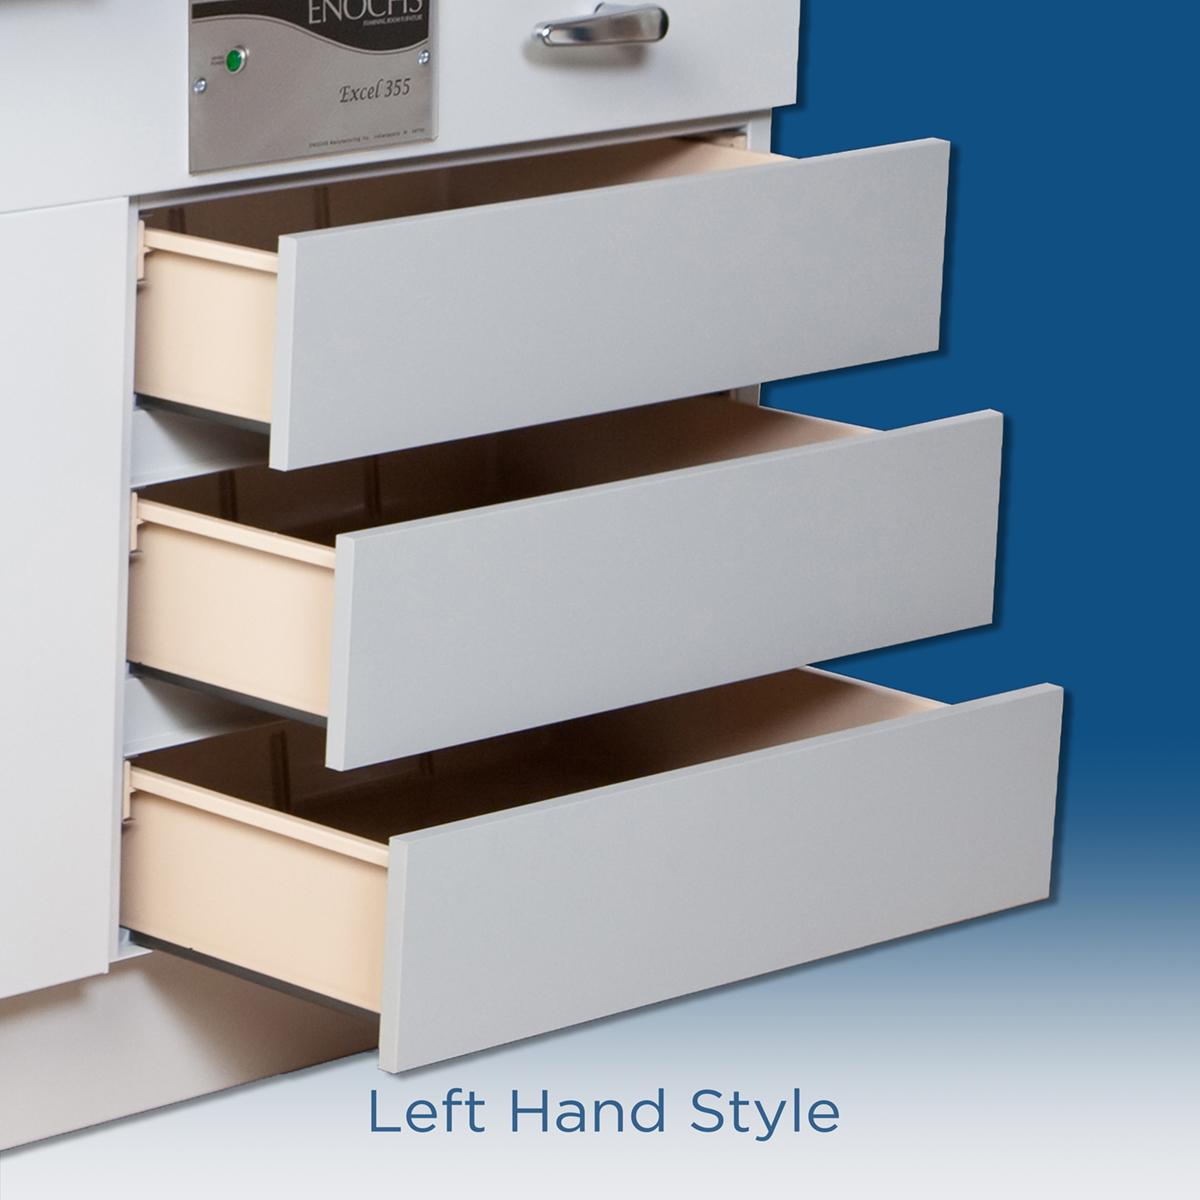 EXCEL-355-SideDrawers-Left.jpg